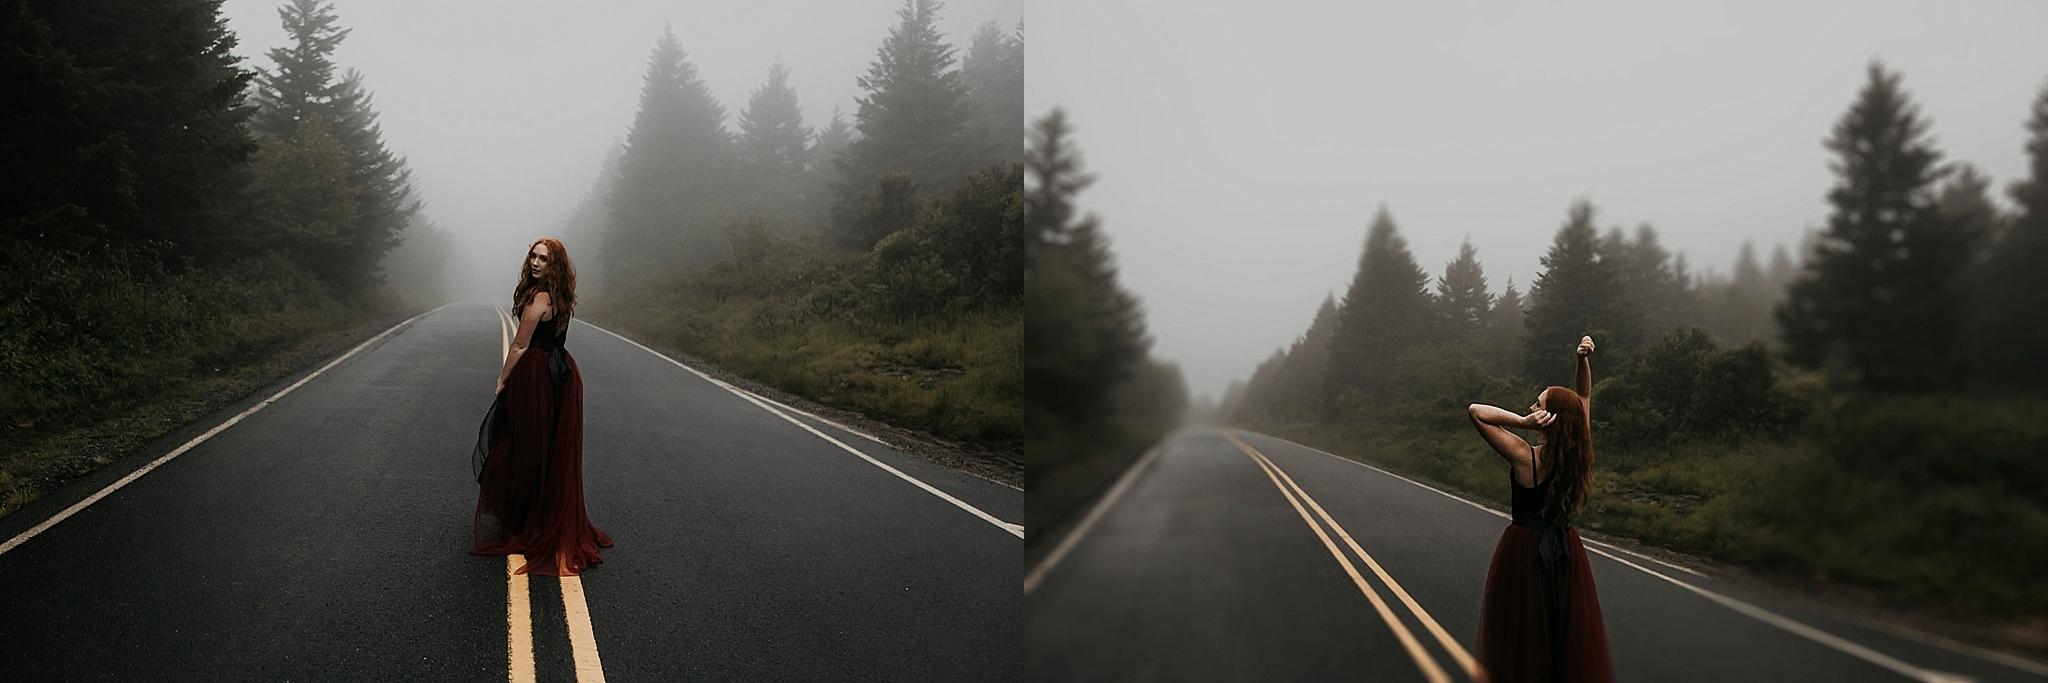 2017-08-10_0002.jpg